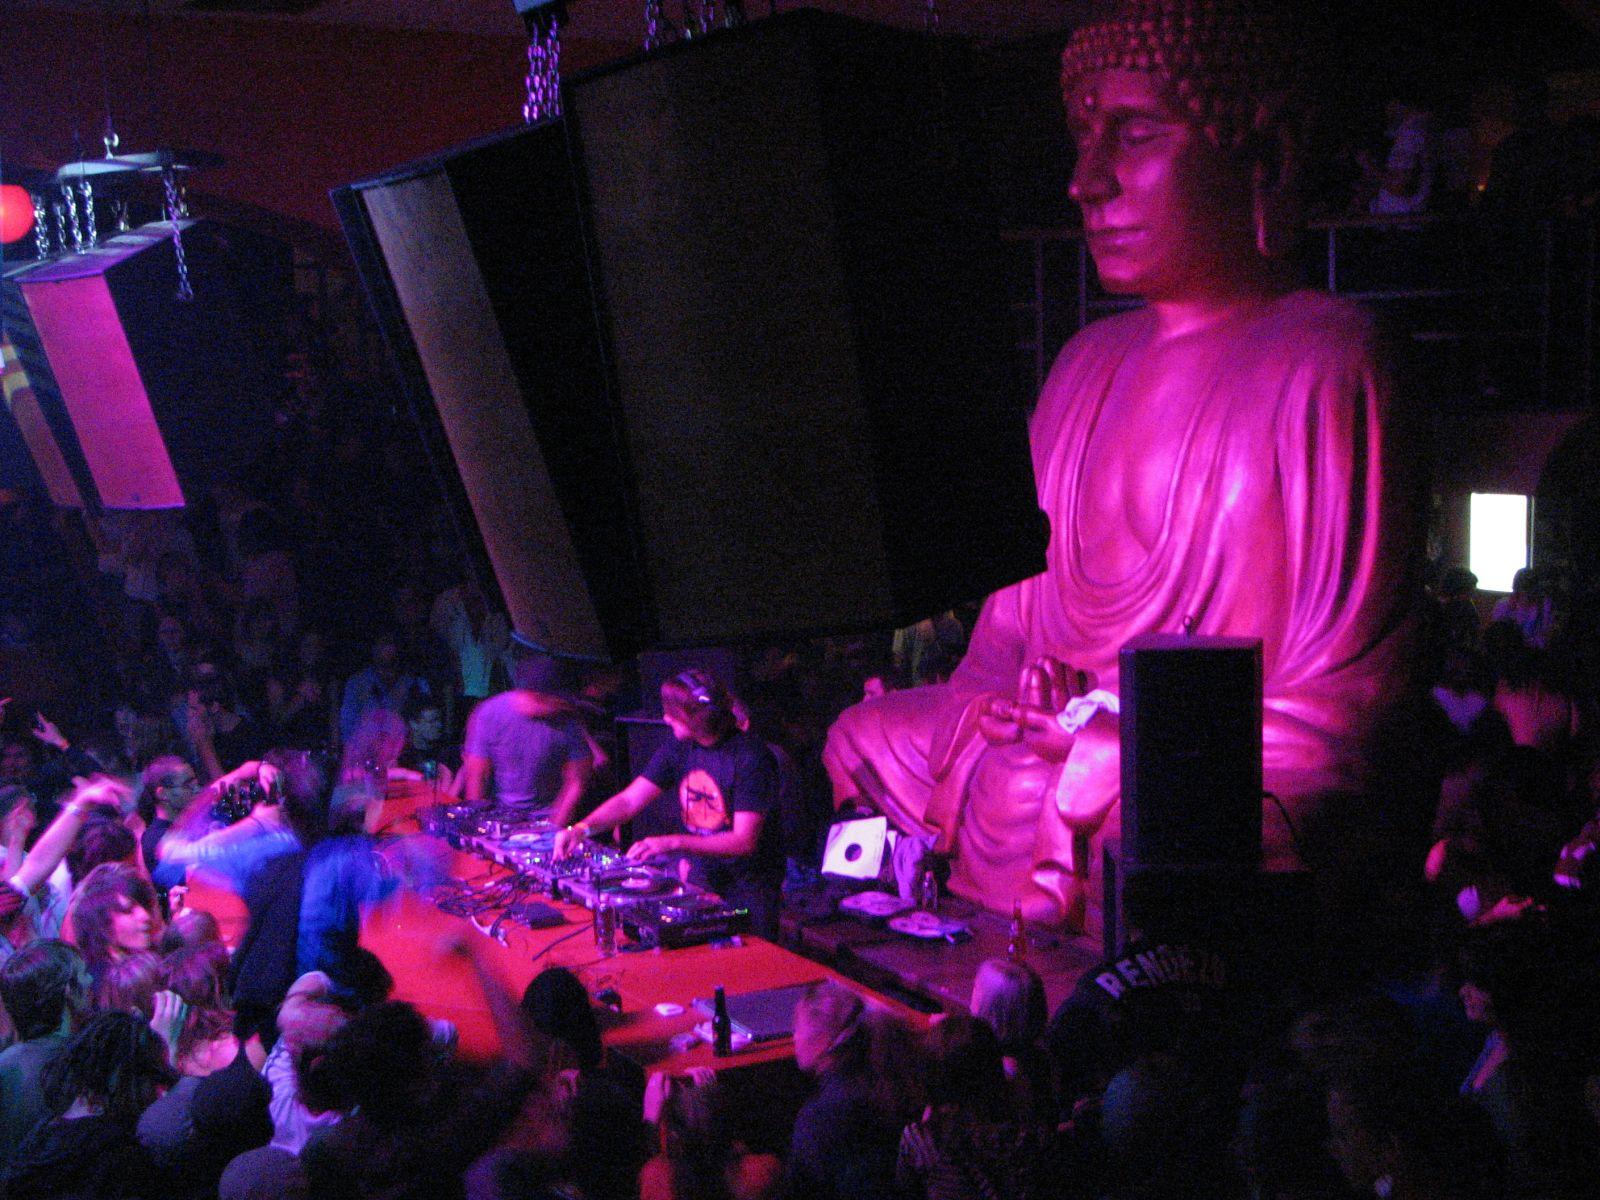 Buddha vigyáz ránk